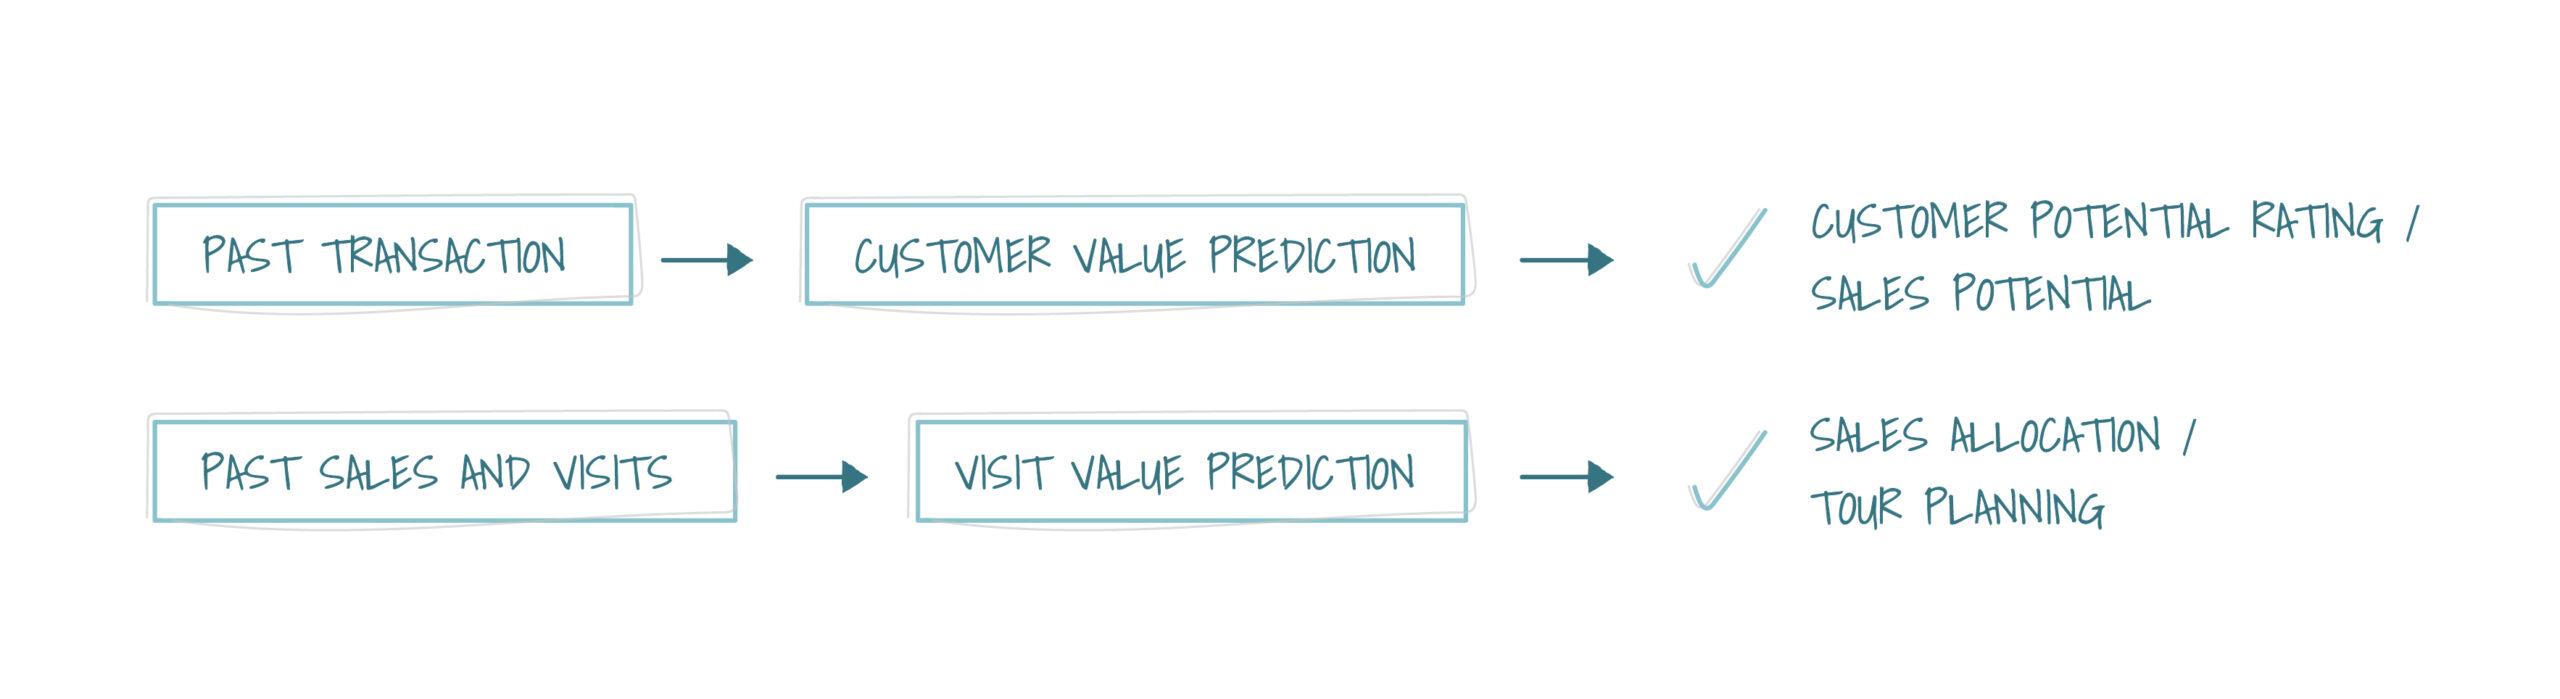 Visit Value + Customer Value Prediction